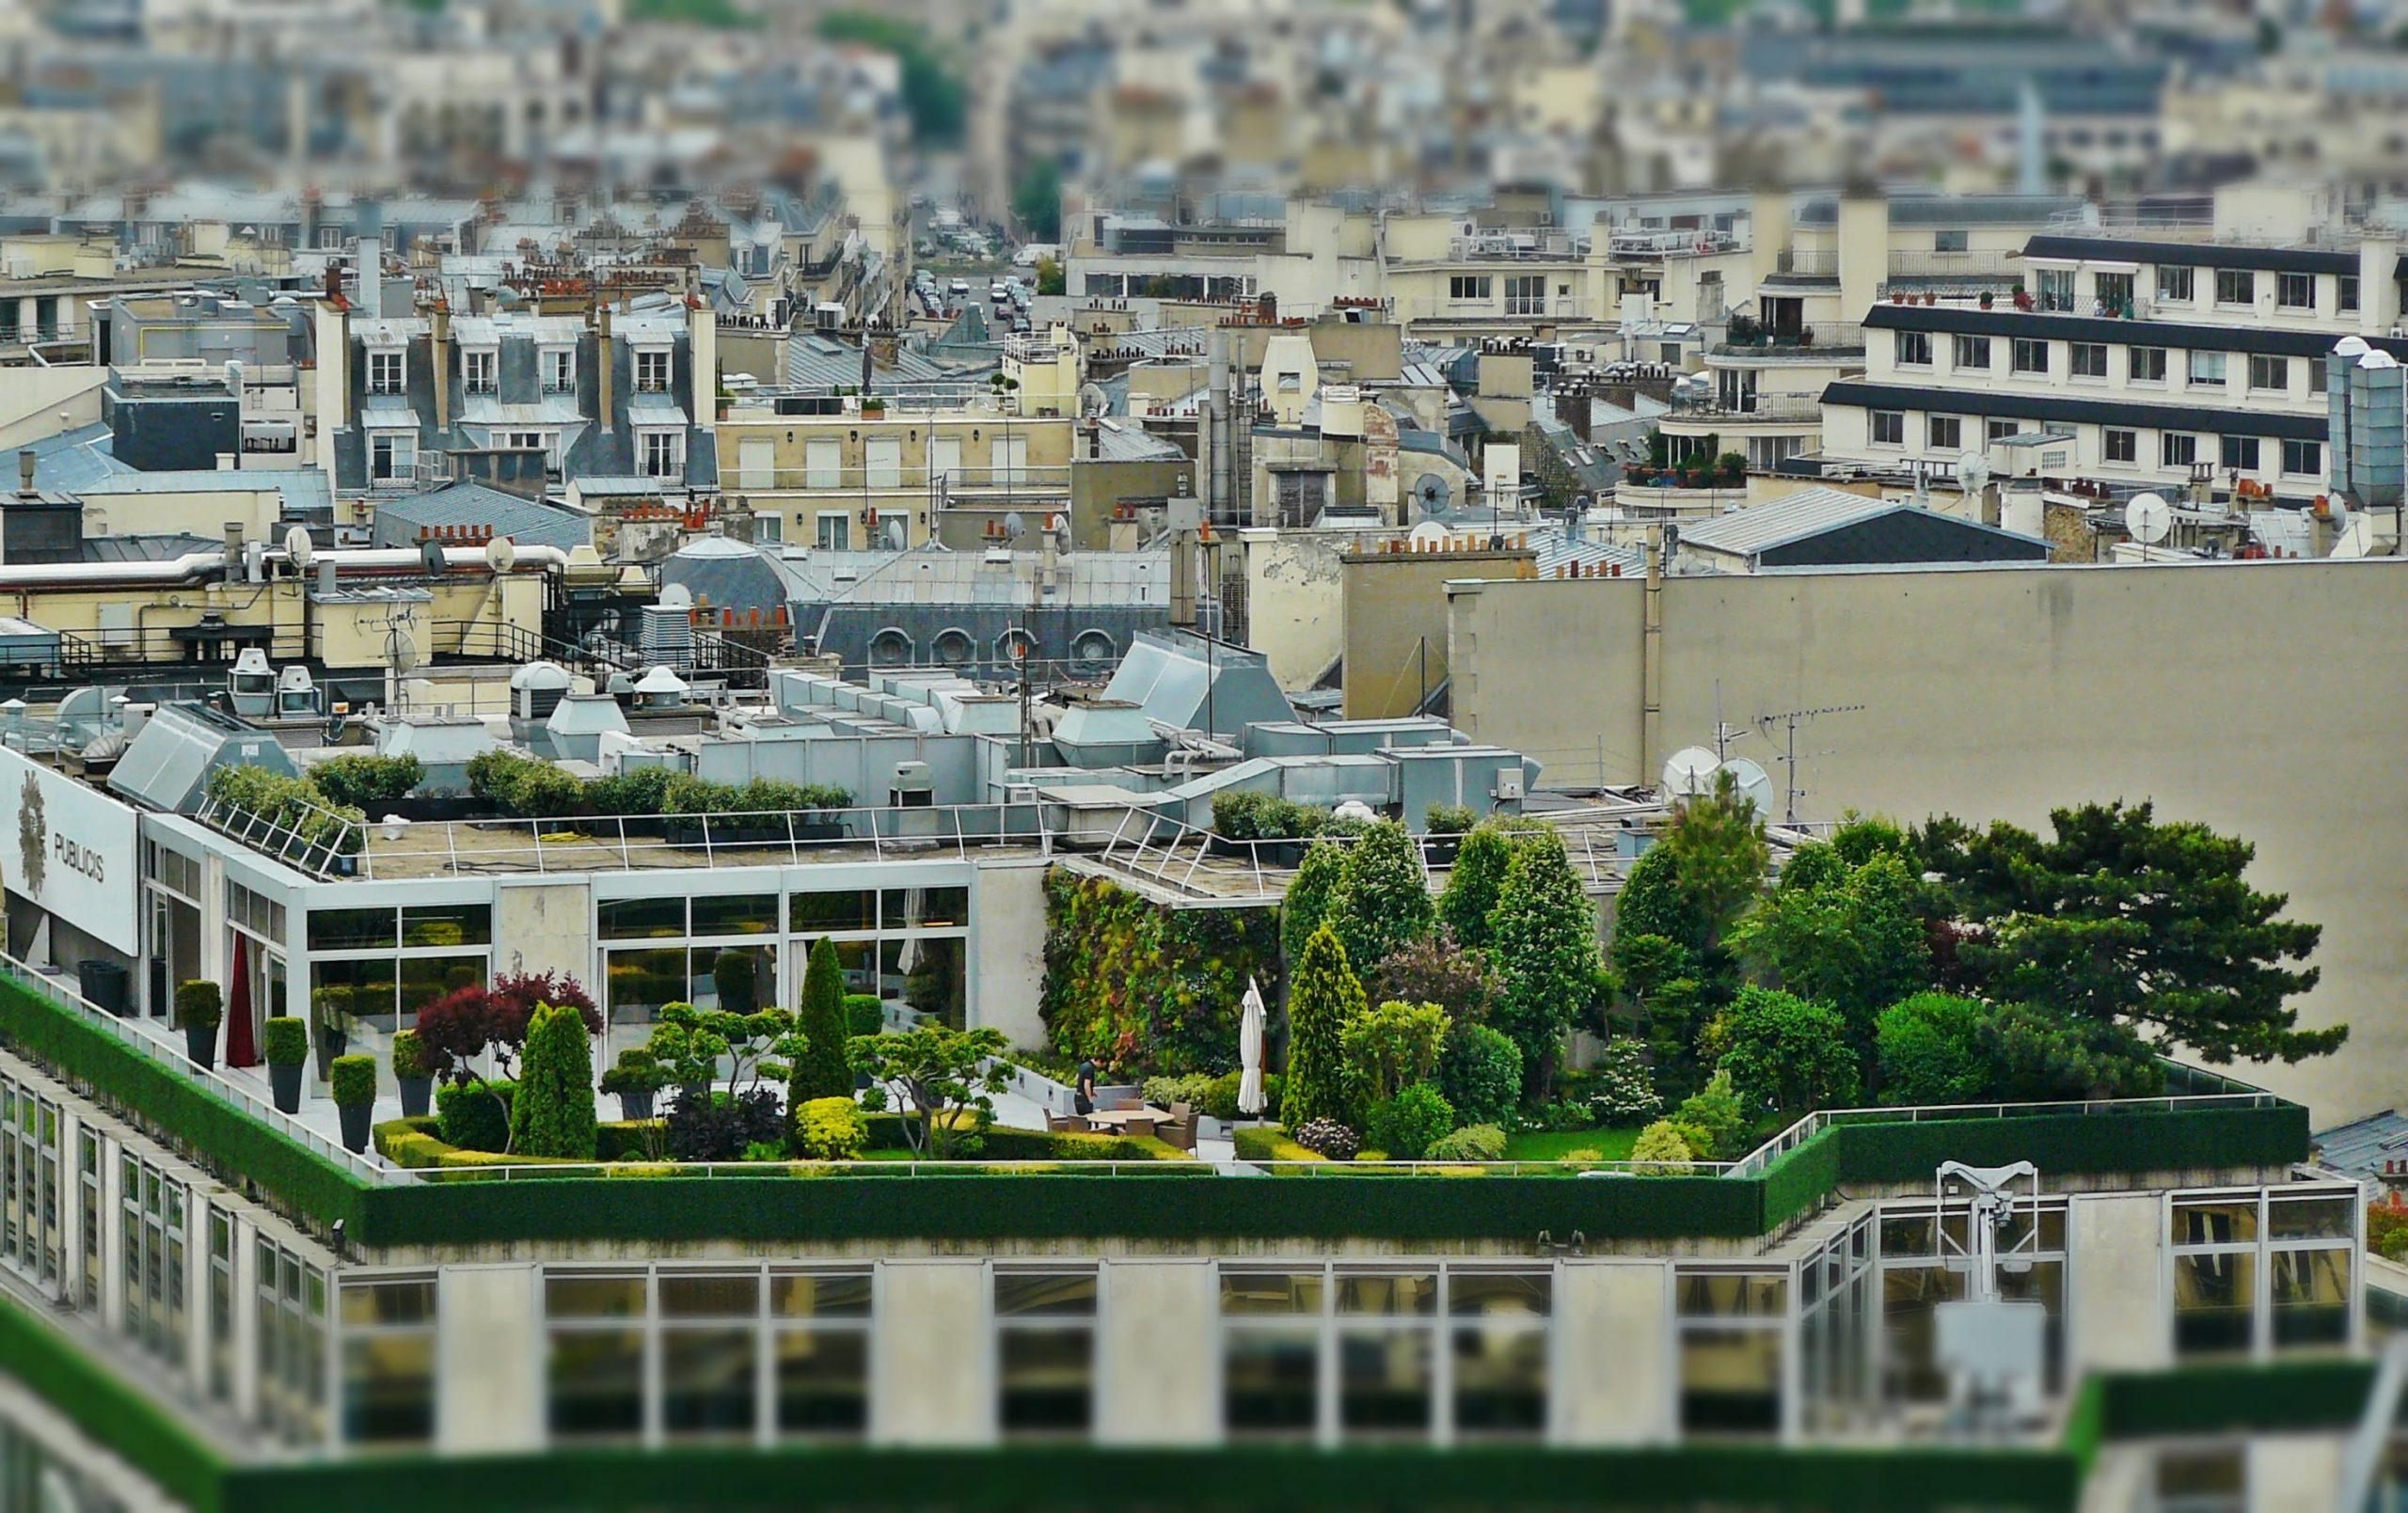 Landscape Waterproofing System